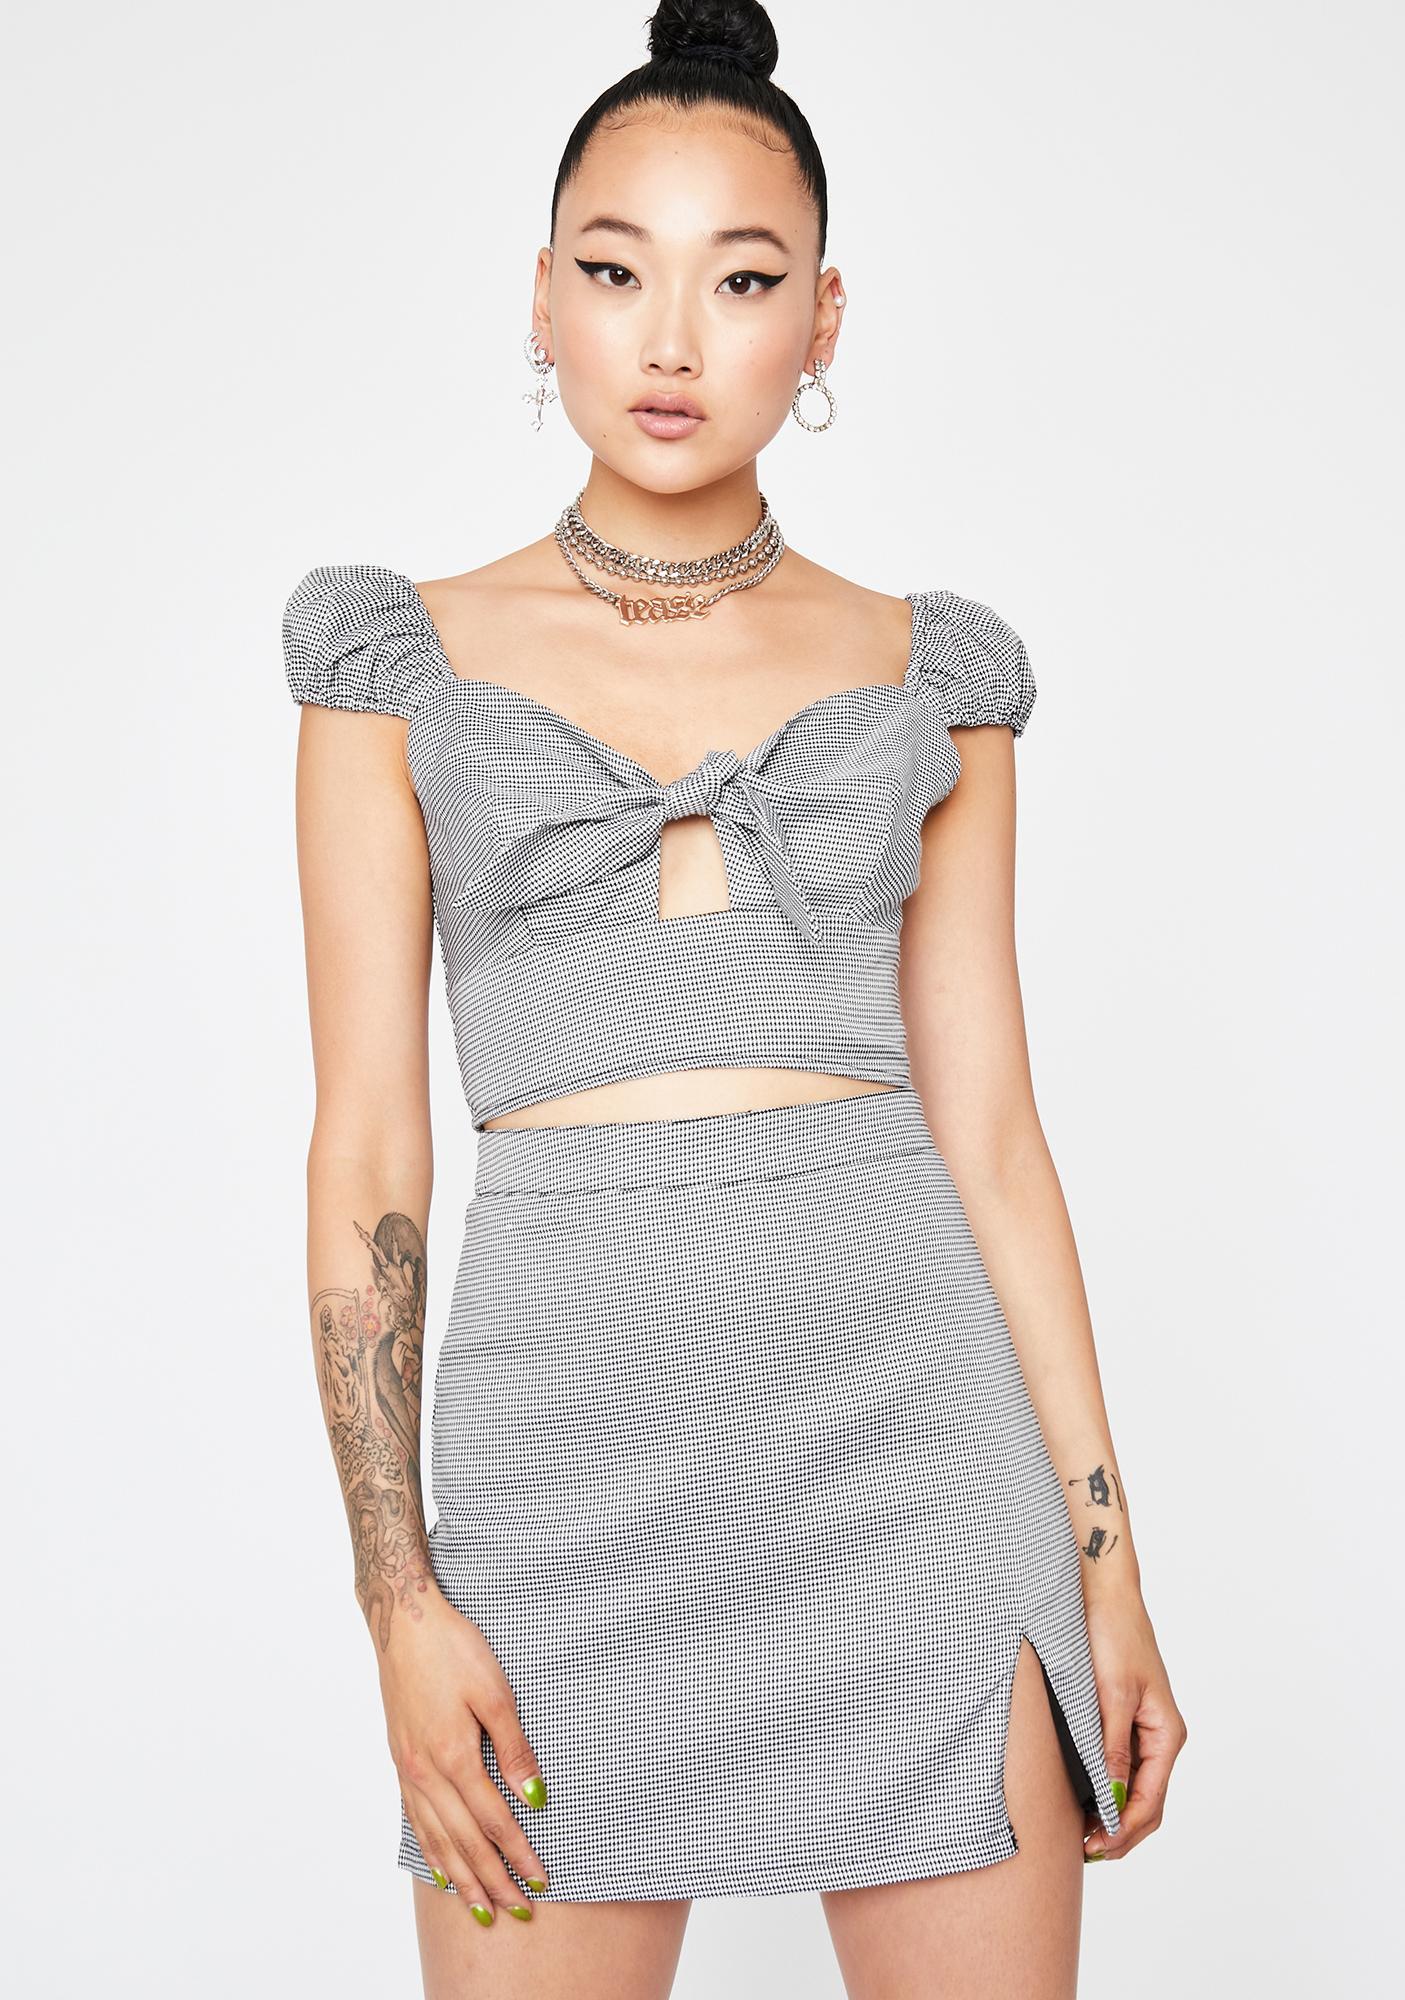 Dapper Diva Mini Skirt